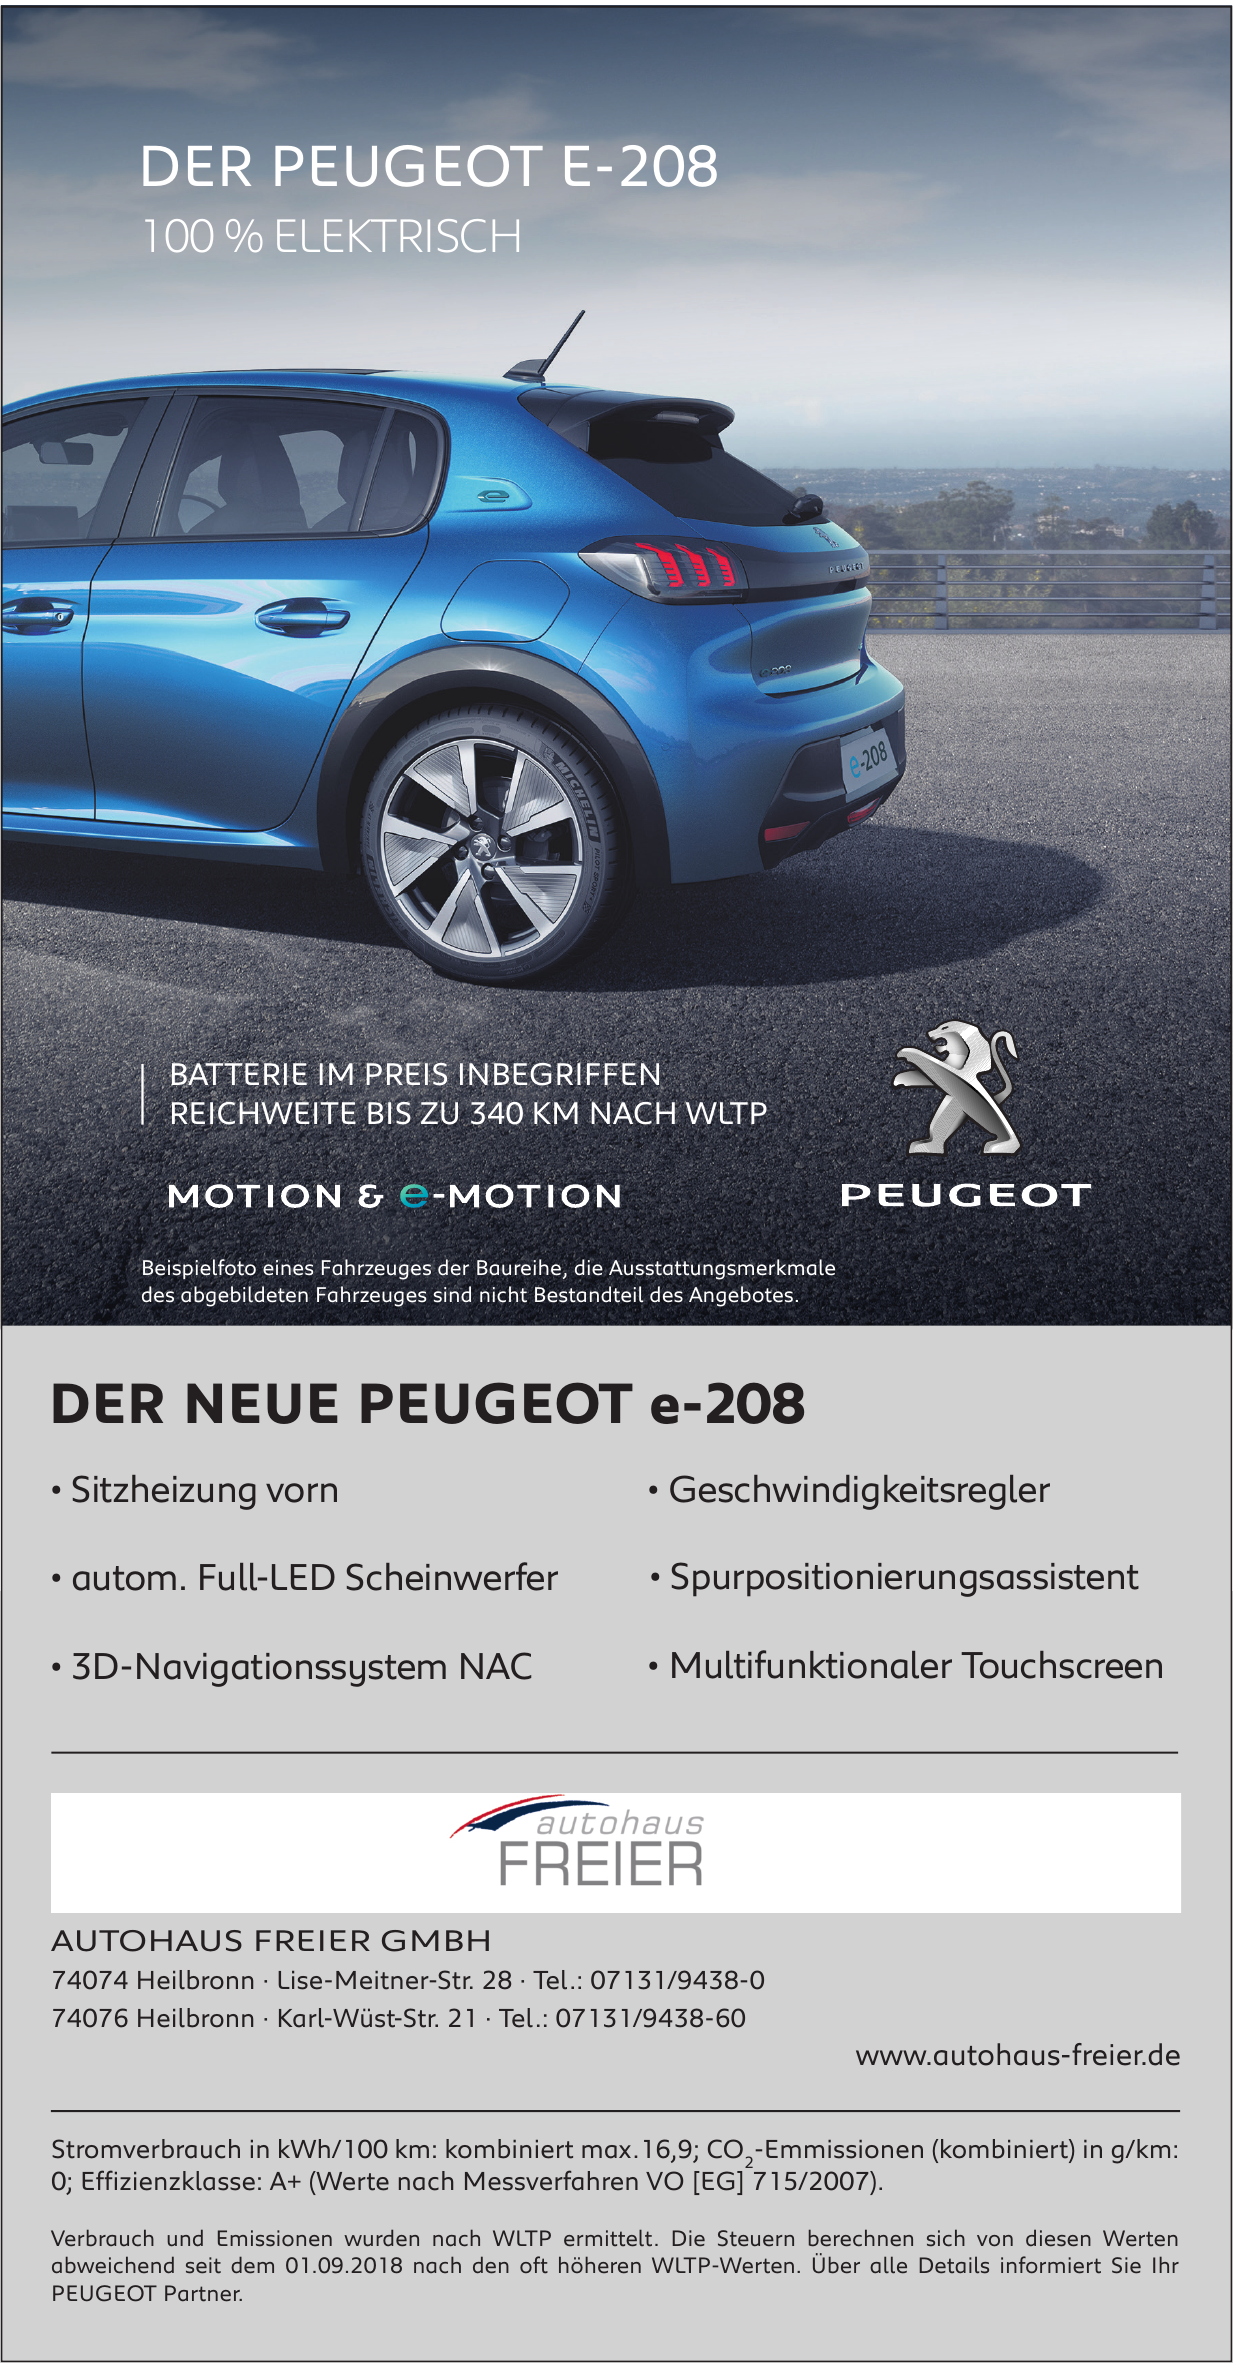 Autohaus Freier GmbH